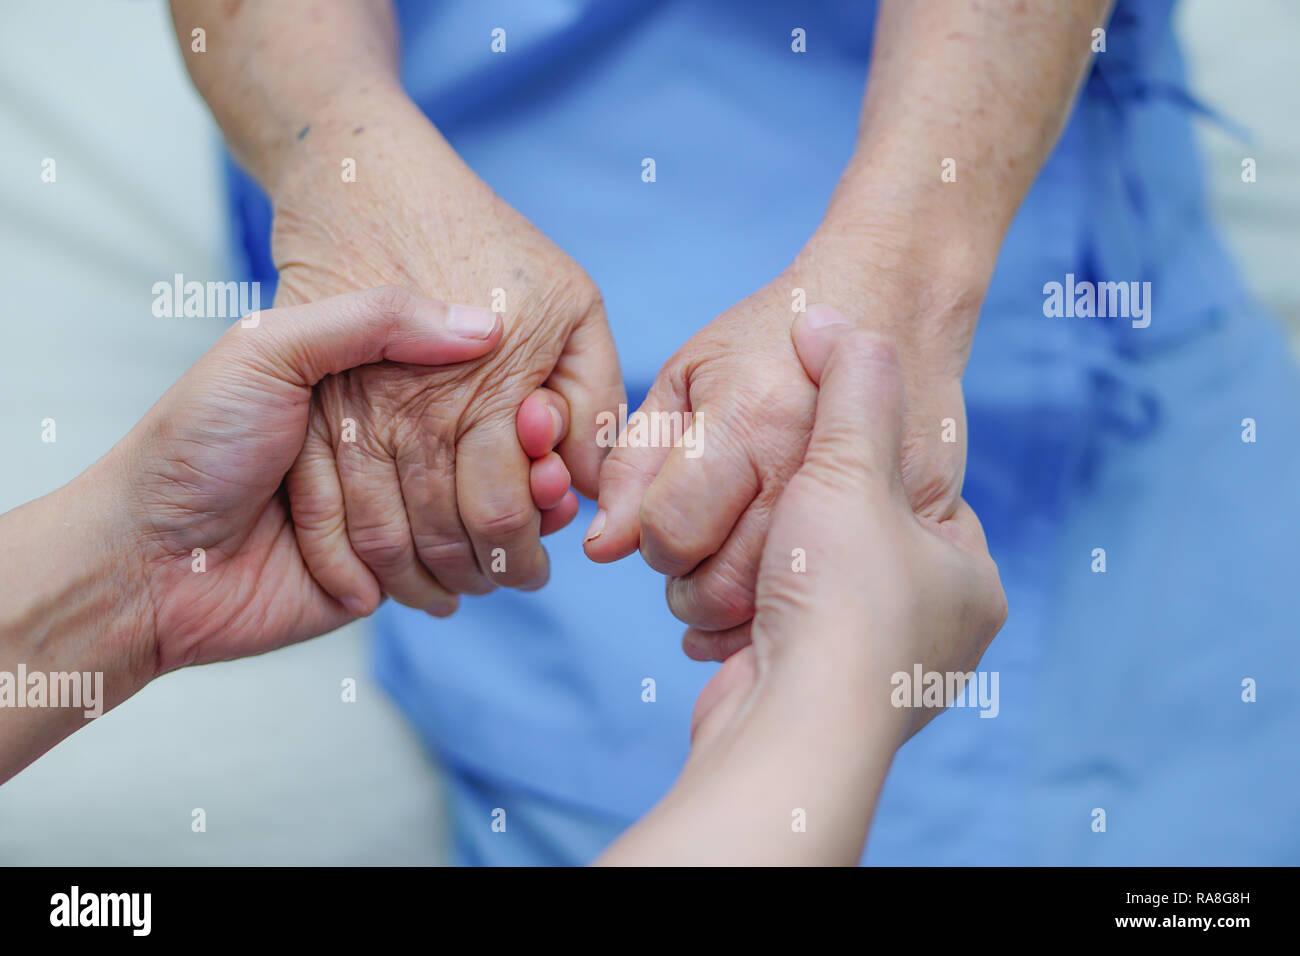 Celebración tocar manos Asian senior o ancianos anciana mujer paciente con amor, cuidado, ayudar, alentar y empatía en enfermería hospital. Imagen De Stock